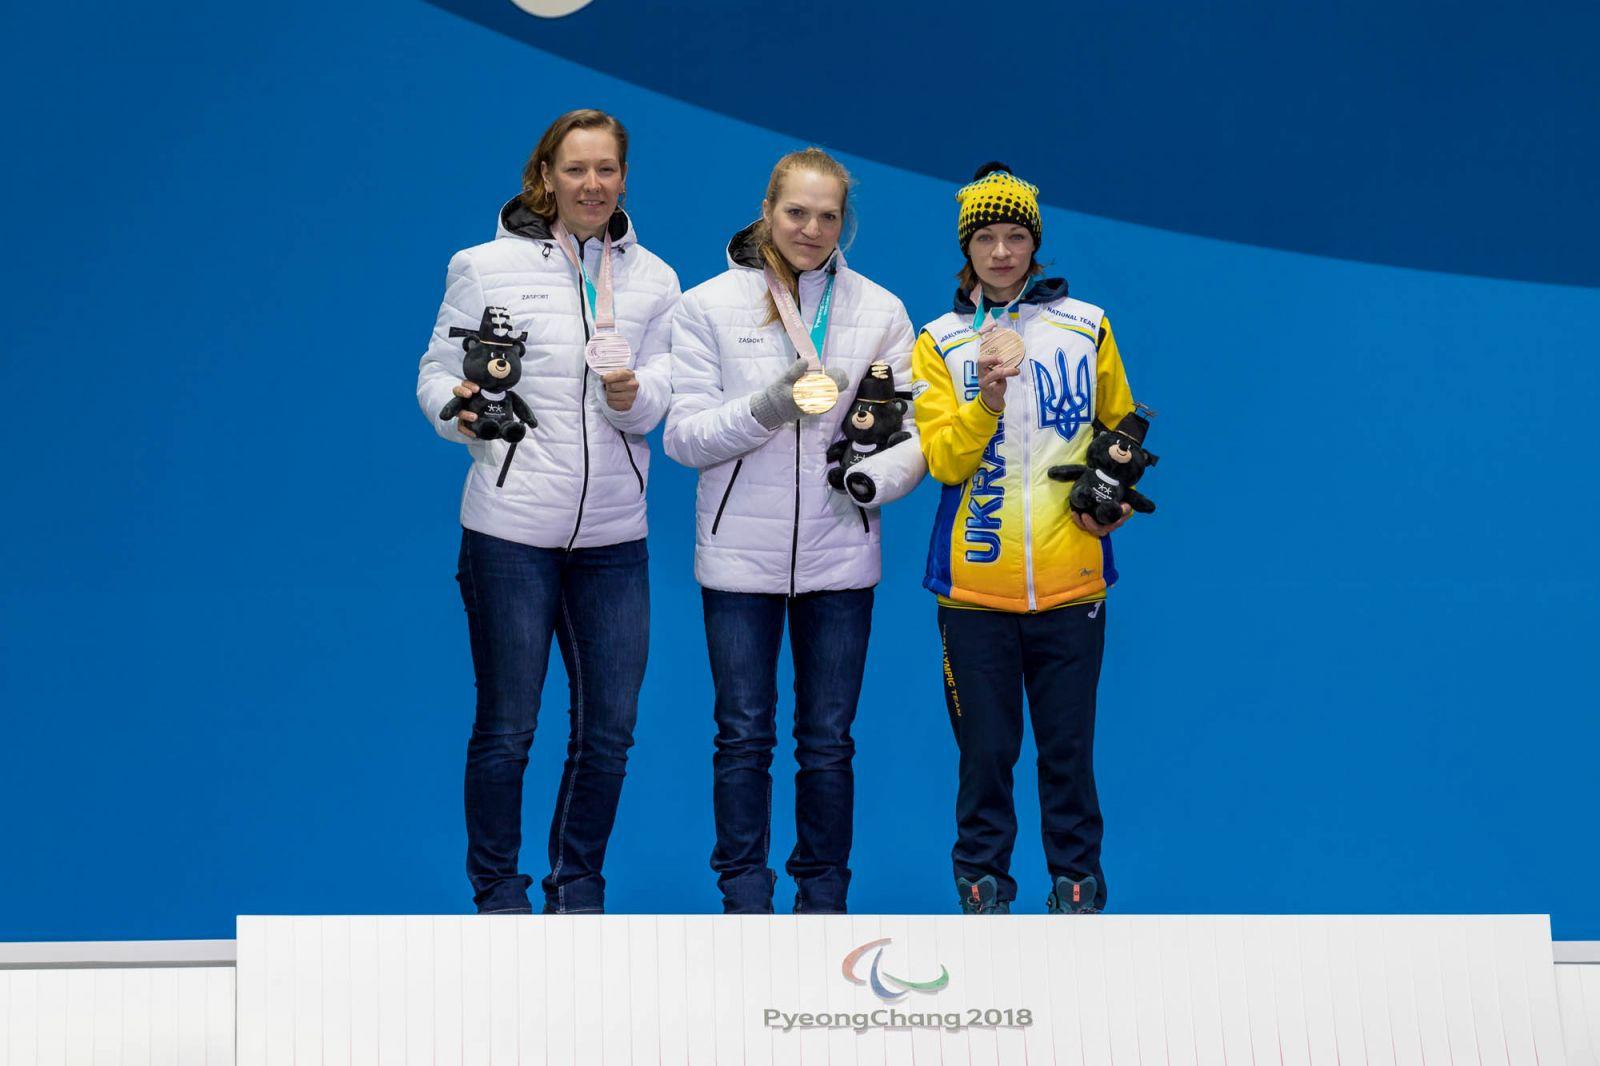 Паралимпиада-2018. Итоги 4 дня соревнований. Российские спортсмены завоевали 2 золотые, 3 серебряные и 2 бронзовые медали